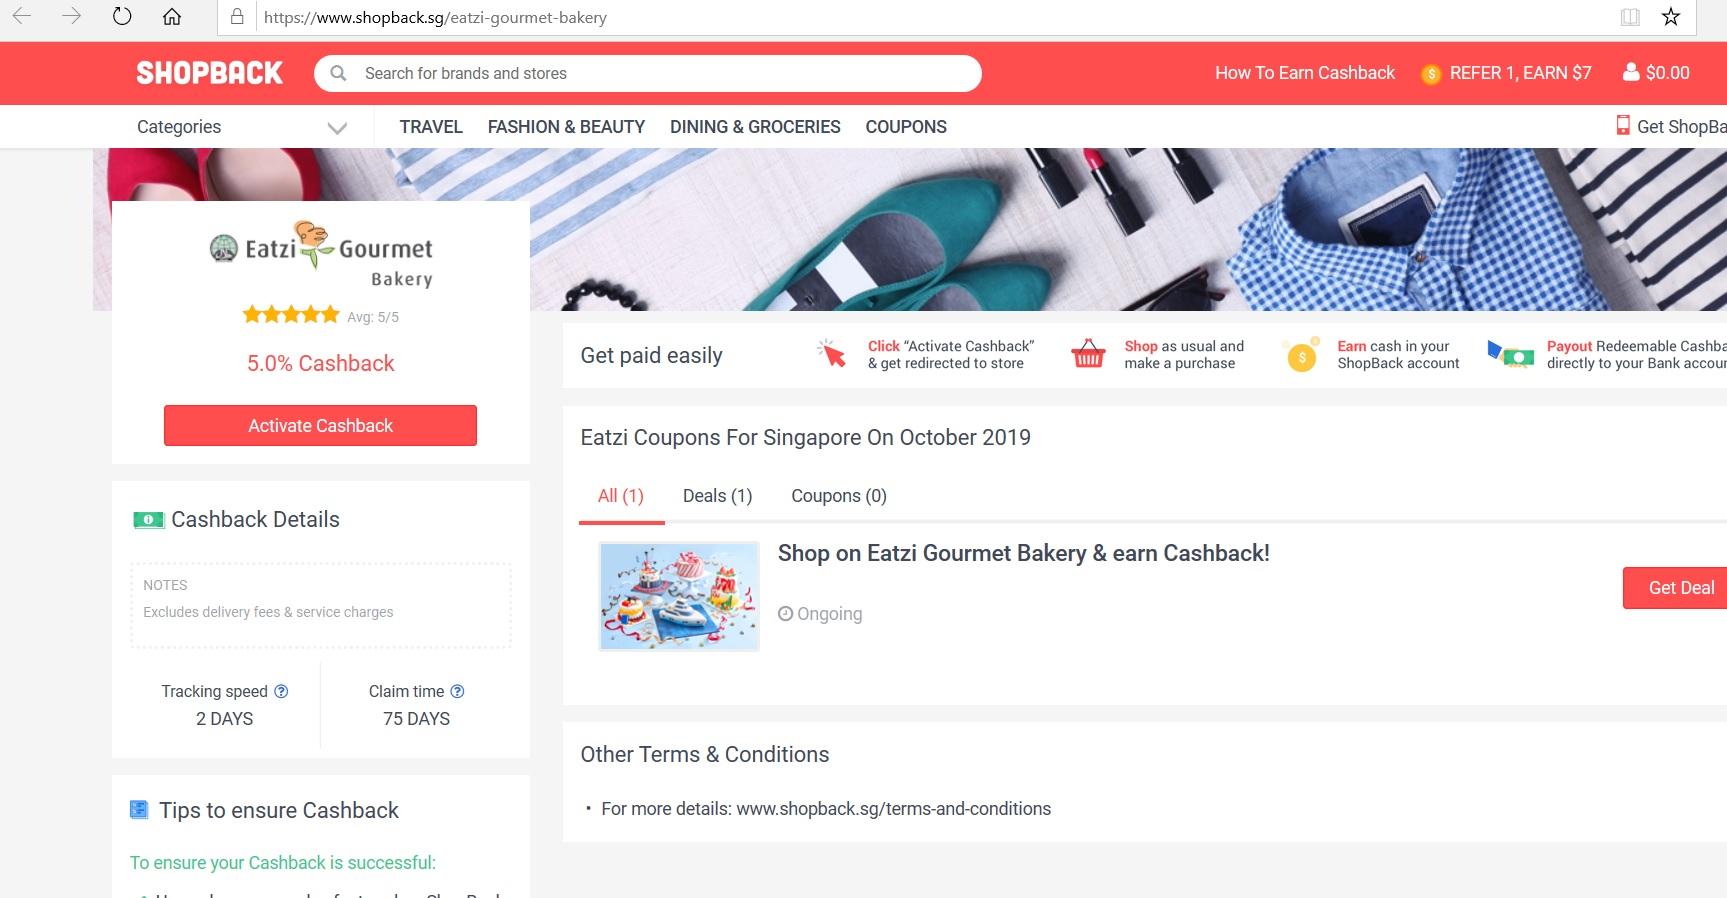 Eatzi Gourmet Bakery page on ShopBack.